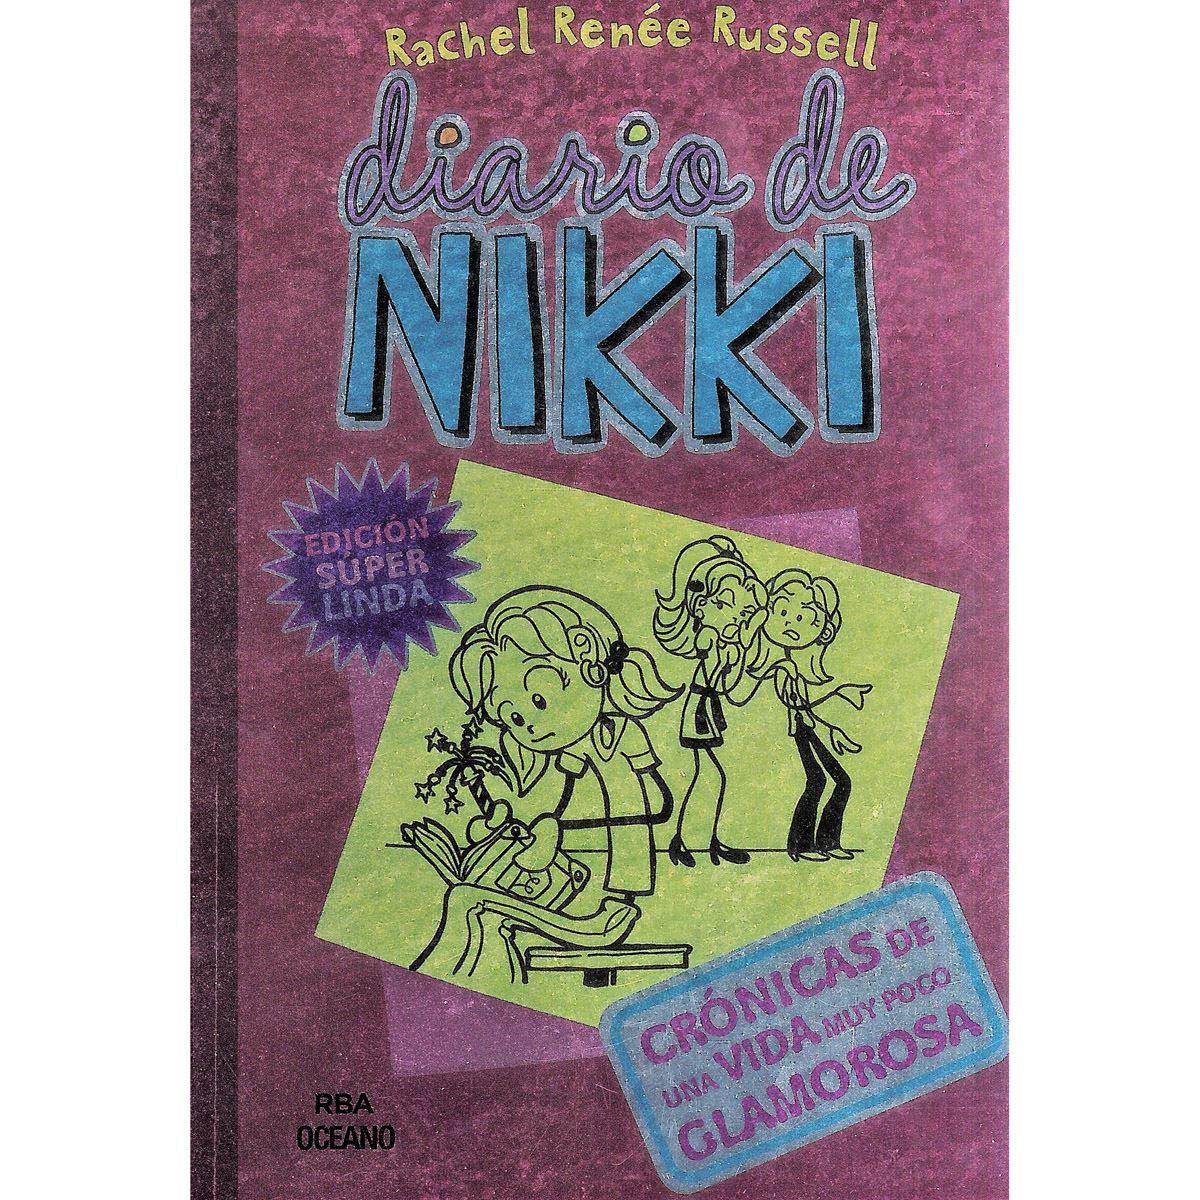 Diario De Nikki 1 Crónicas De Una Vida Muy Poco Glamorosa Nueva Edición Súper Linda